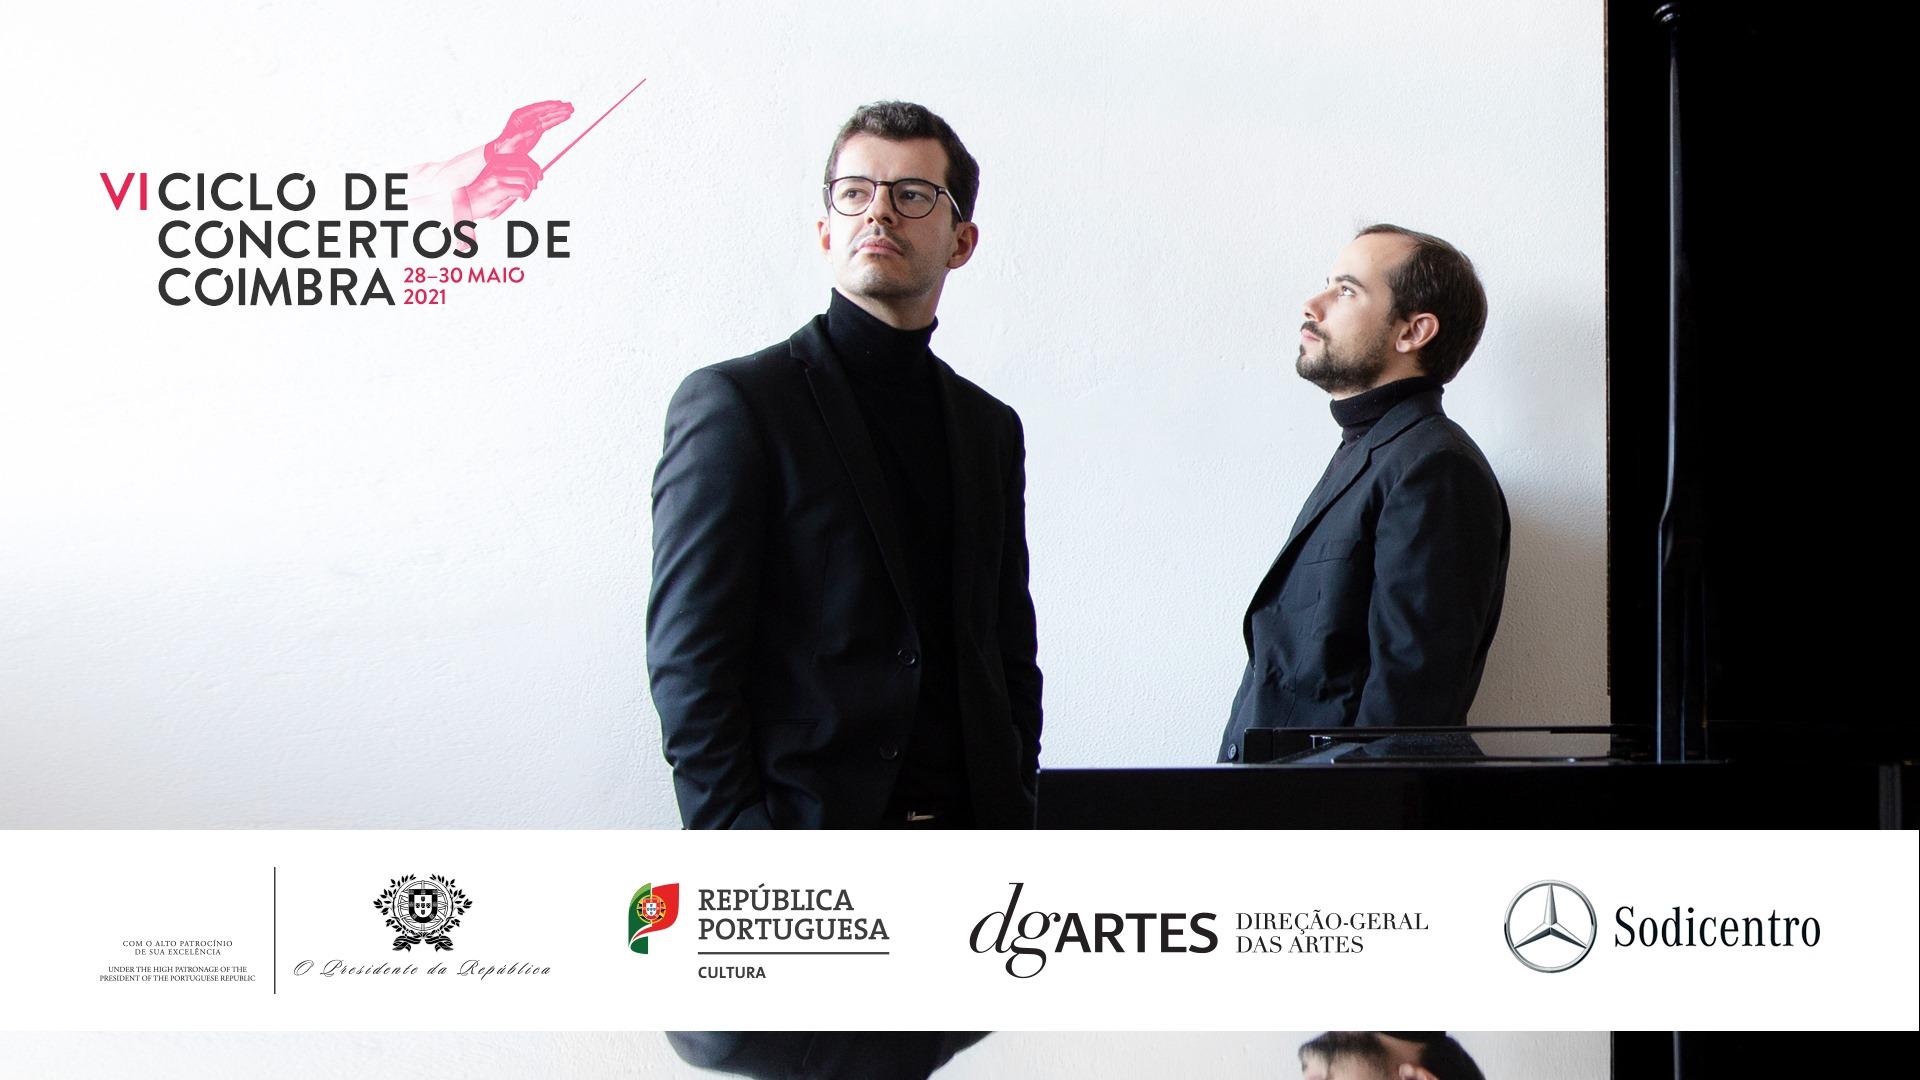 Fantasia e Danças: Recital de piano a quatro mãos pelo H4NDS DUO - Concerto Sodicentro